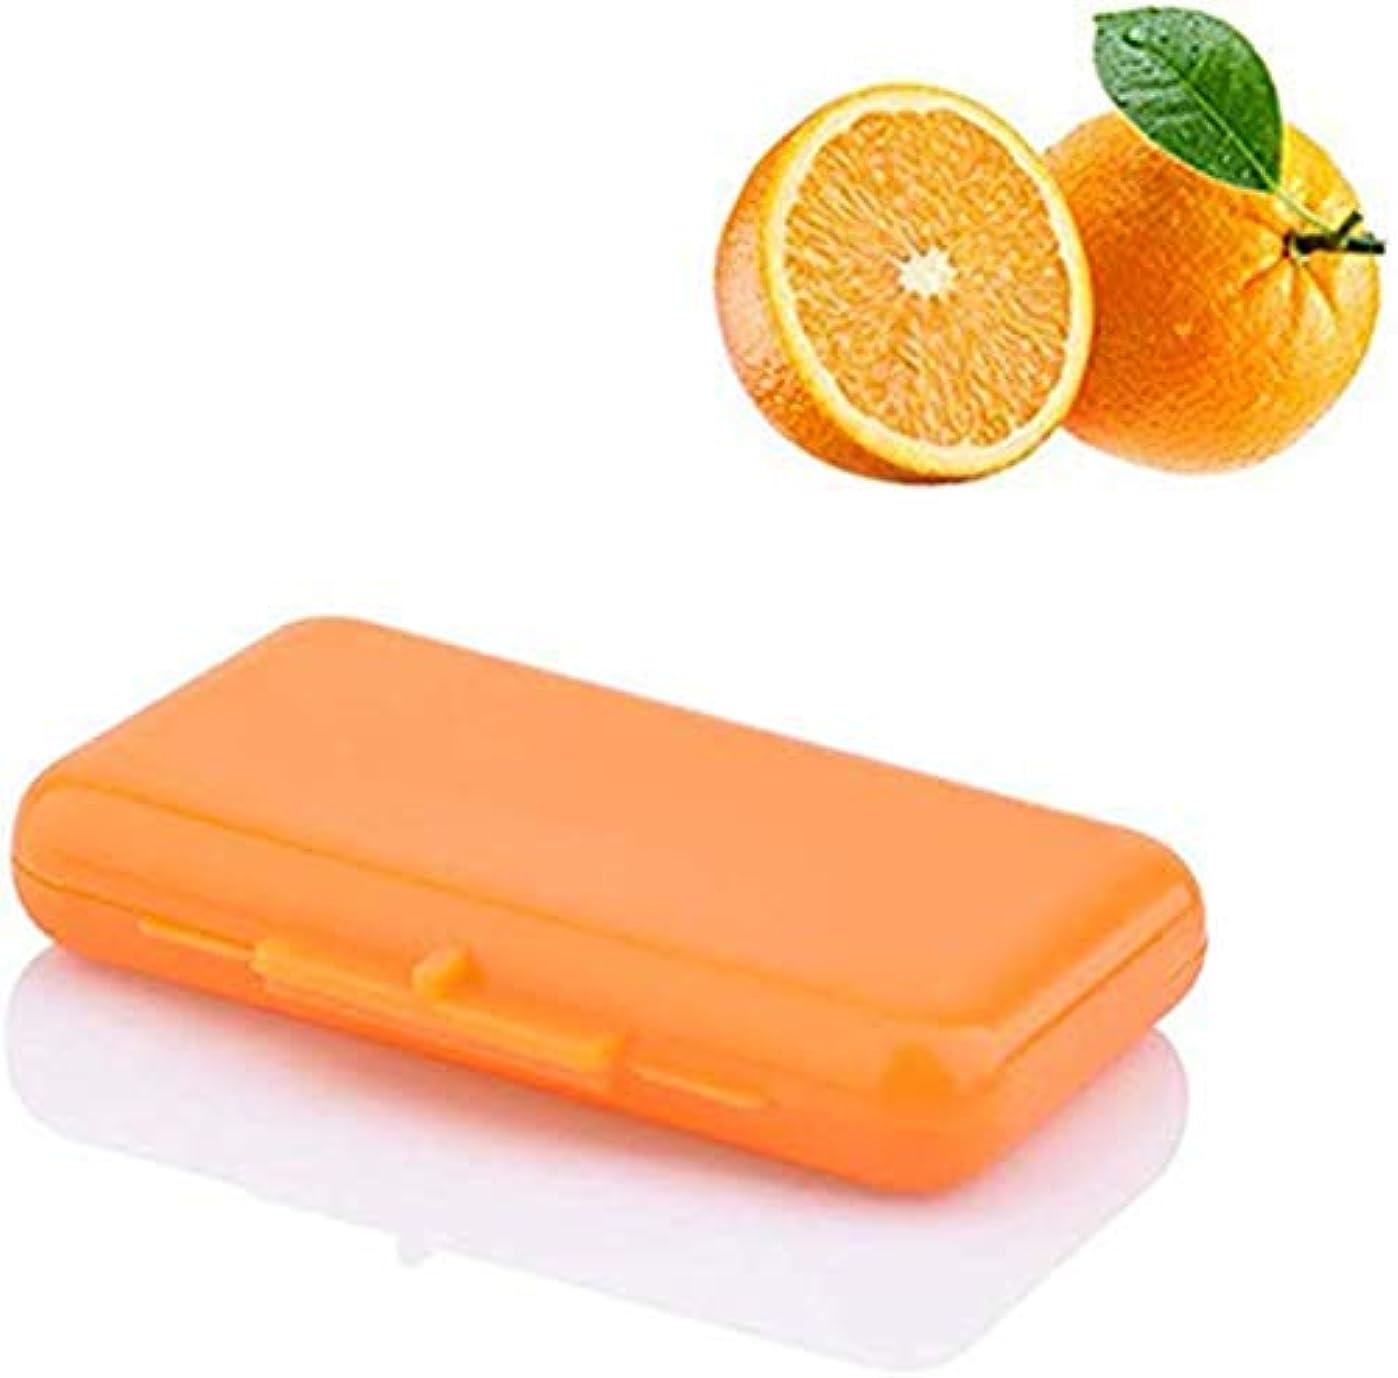 乳そんなにトピックWecando歯科矯正用ワックス 保護ワックス 口腔ケア 抗潰瘍 持ち運び便利 (オレンジ香り 5箱)